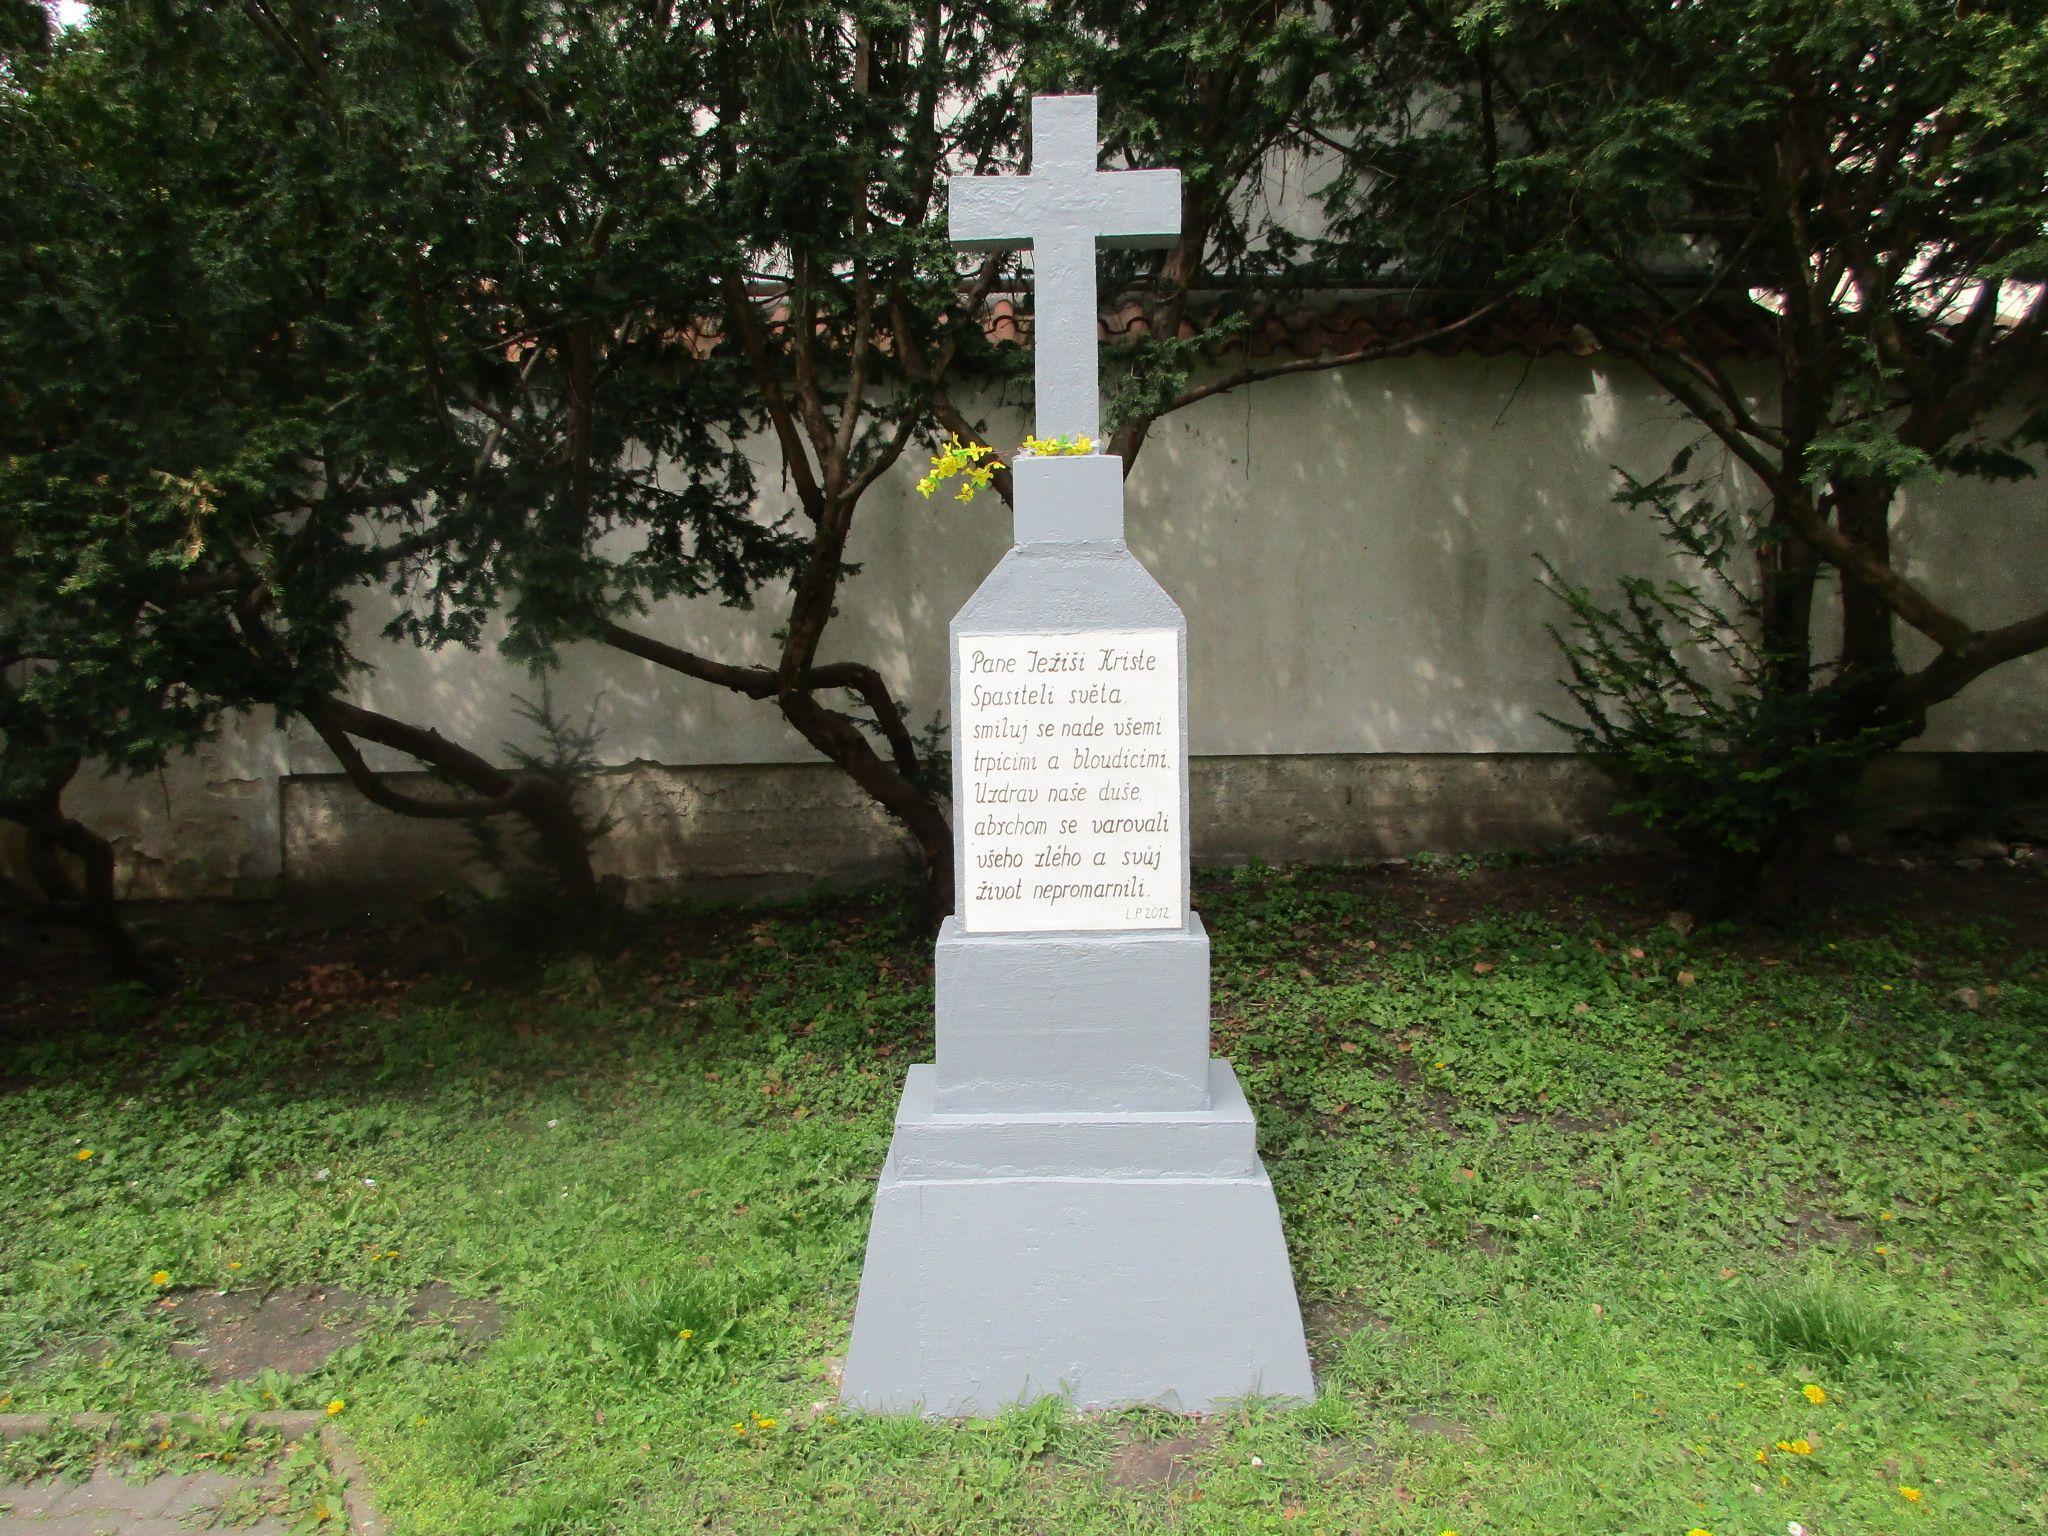 Křížek v parku - Kolín - středočeský kraj